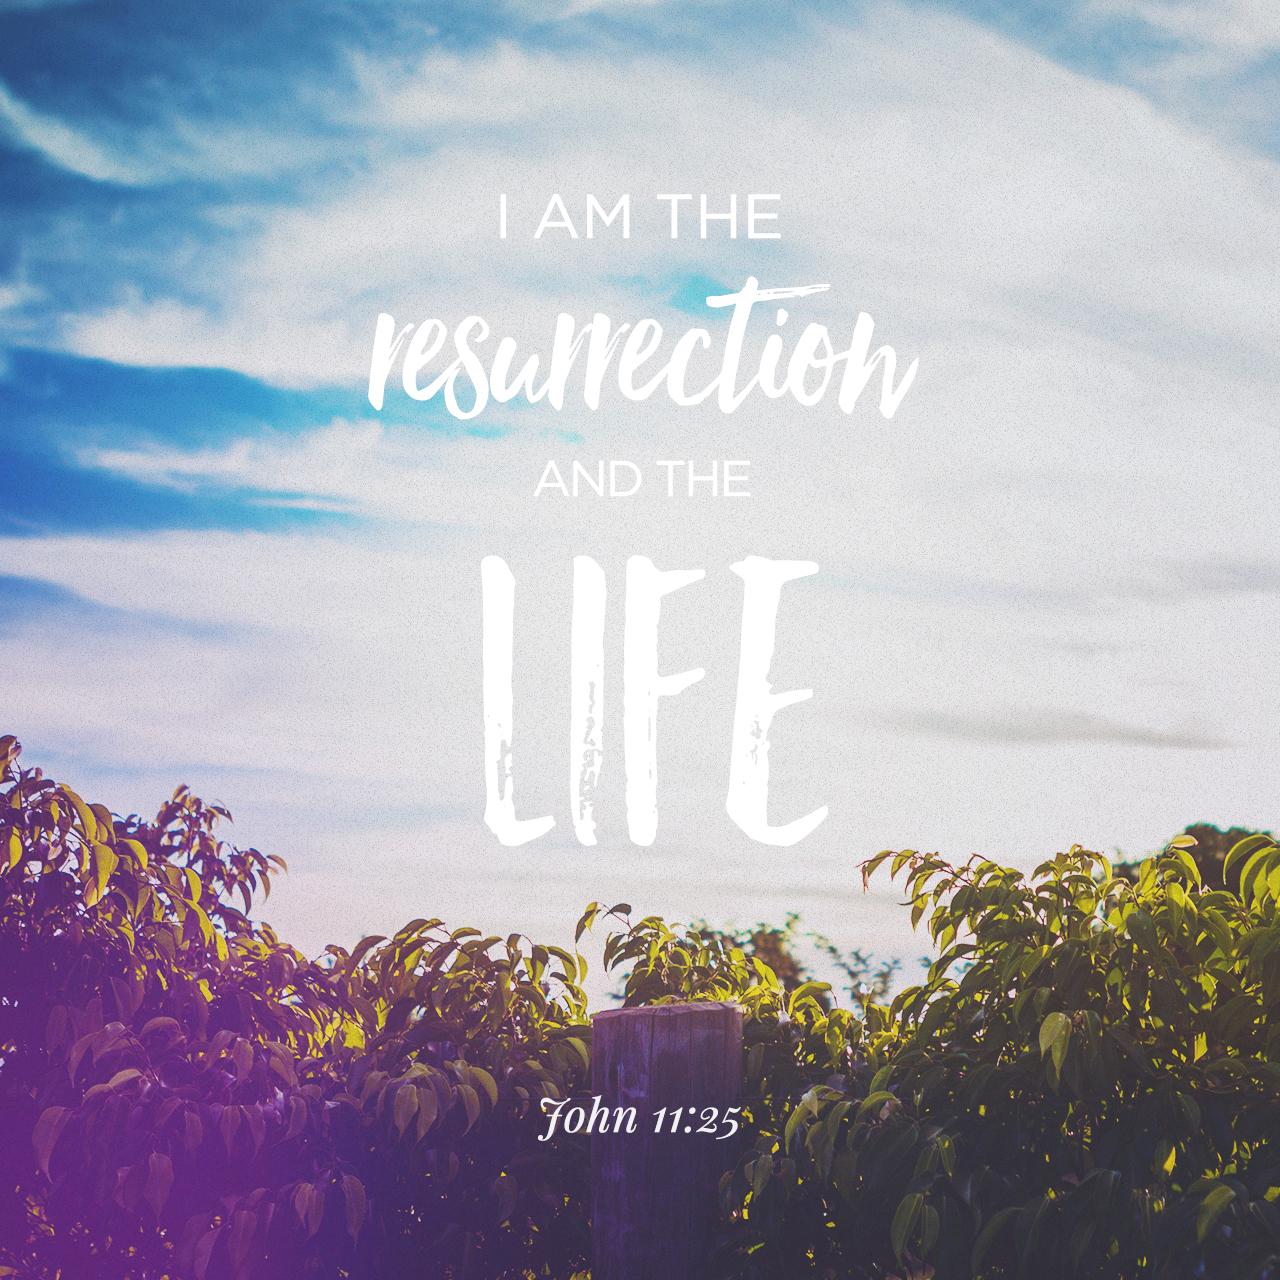 John 11:25